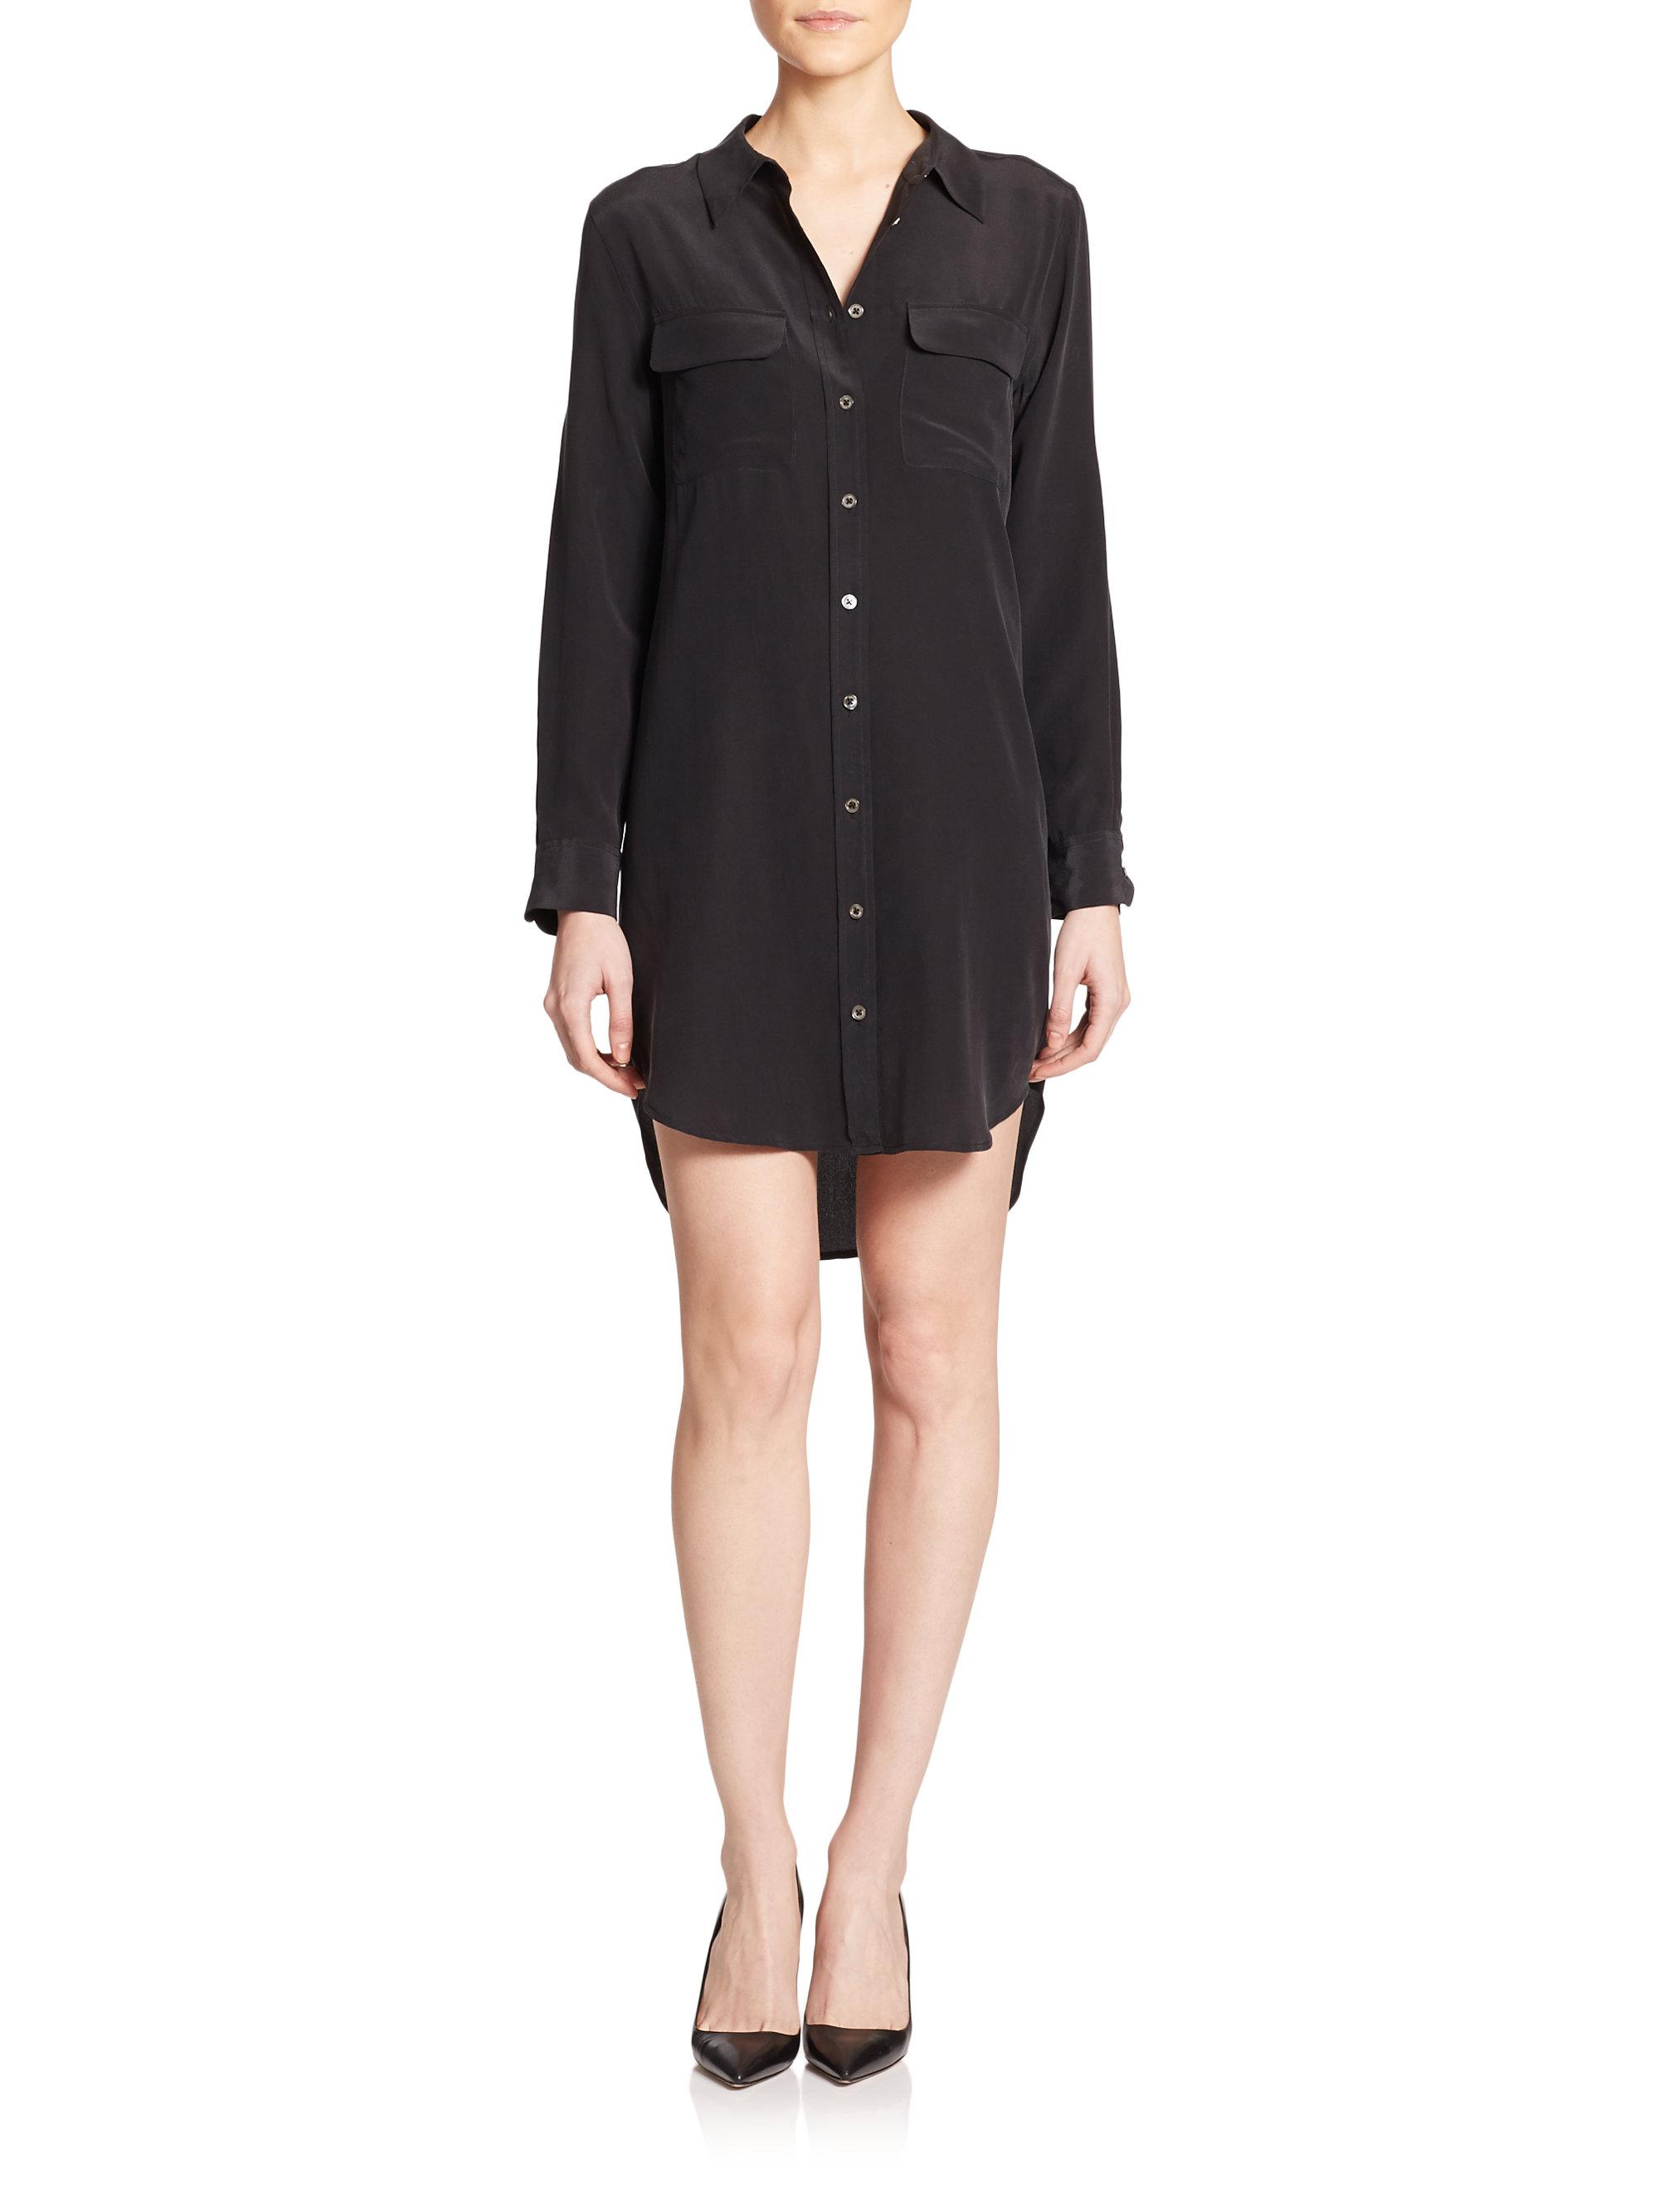 Equipment slim signature silk shirtdress in black lyst for Equipment black silk shirt